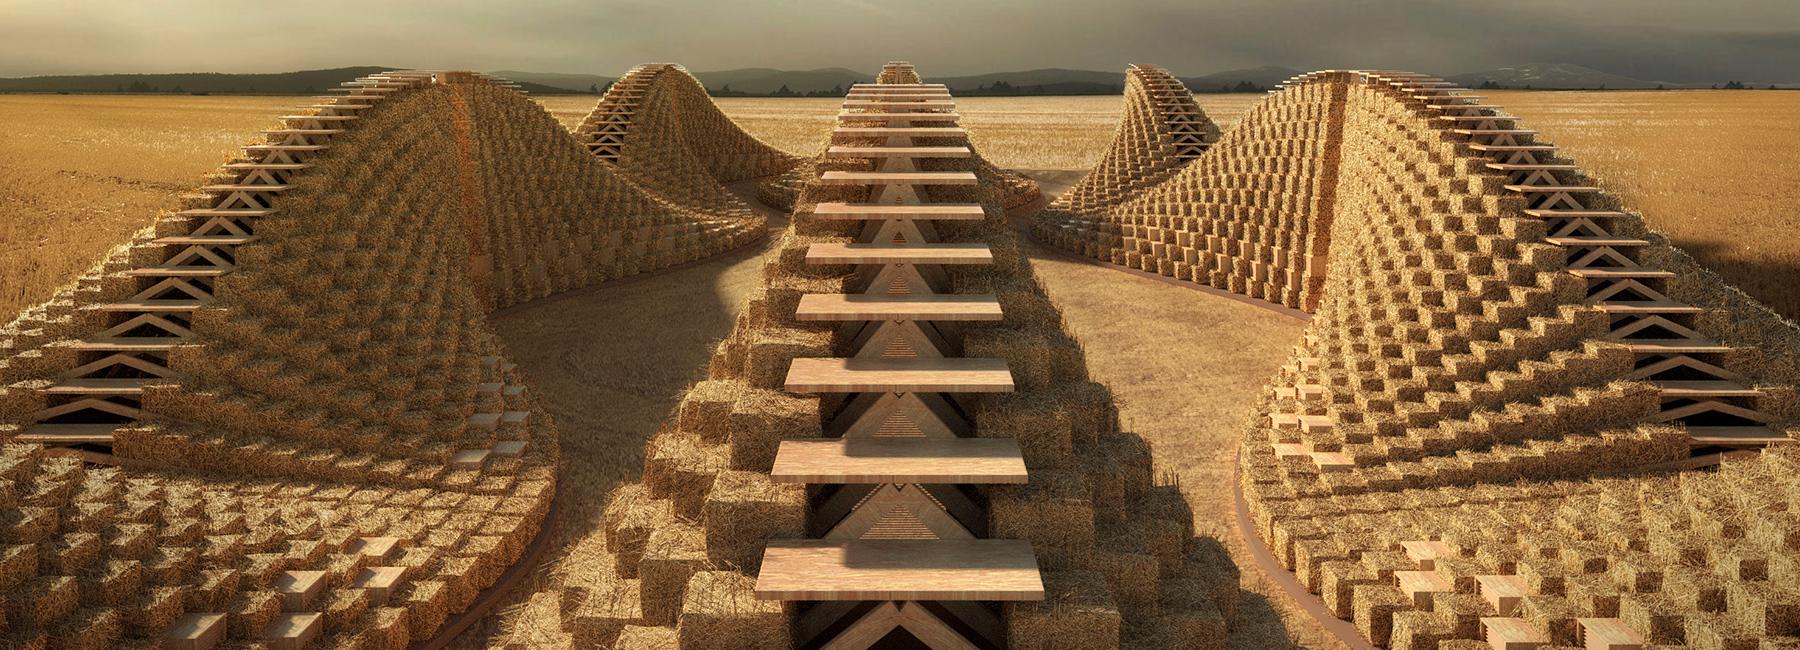 สถาปัตยกรรมจากฟาง ความงอกงามจากเนื้อหาของถิ่นที่ แทนเทคโนโลยีจากภายนอก